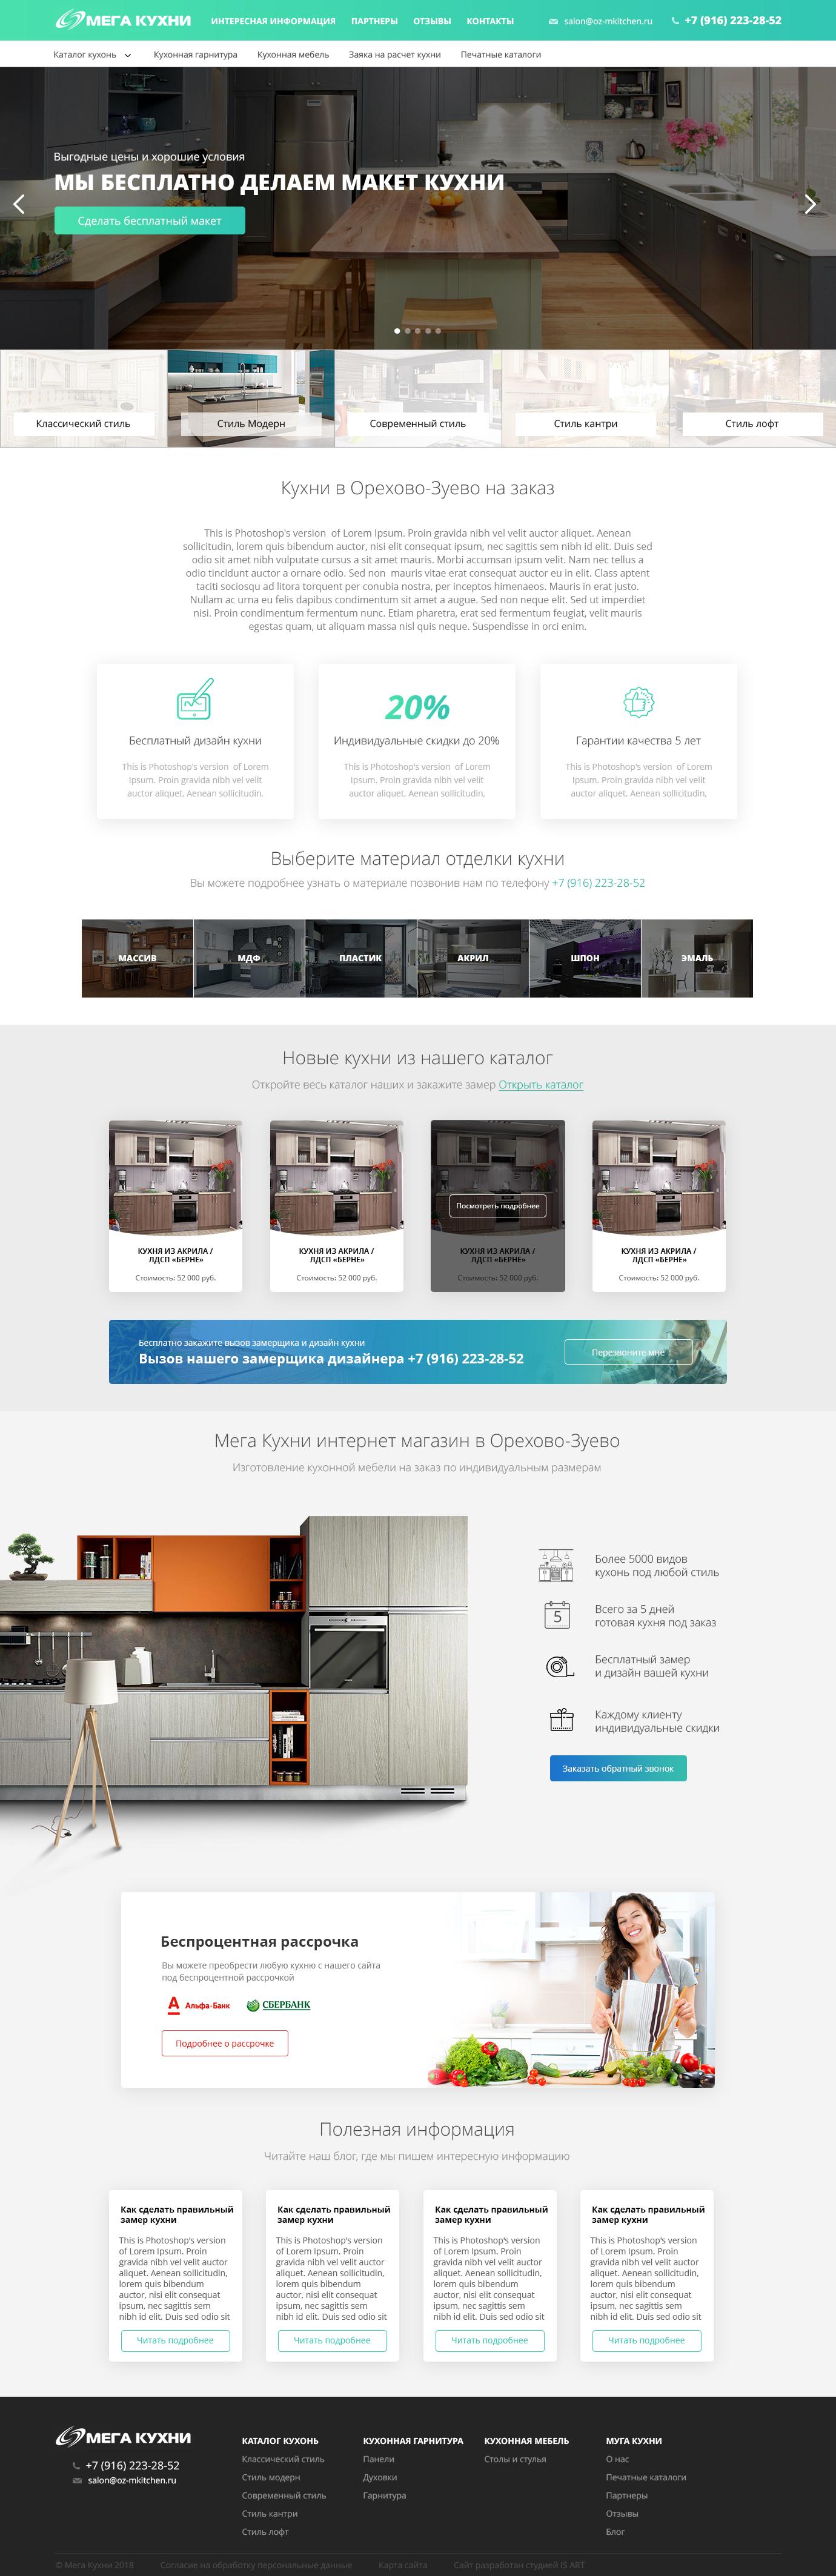 Макет сайта Интернет магазин кухонь 1